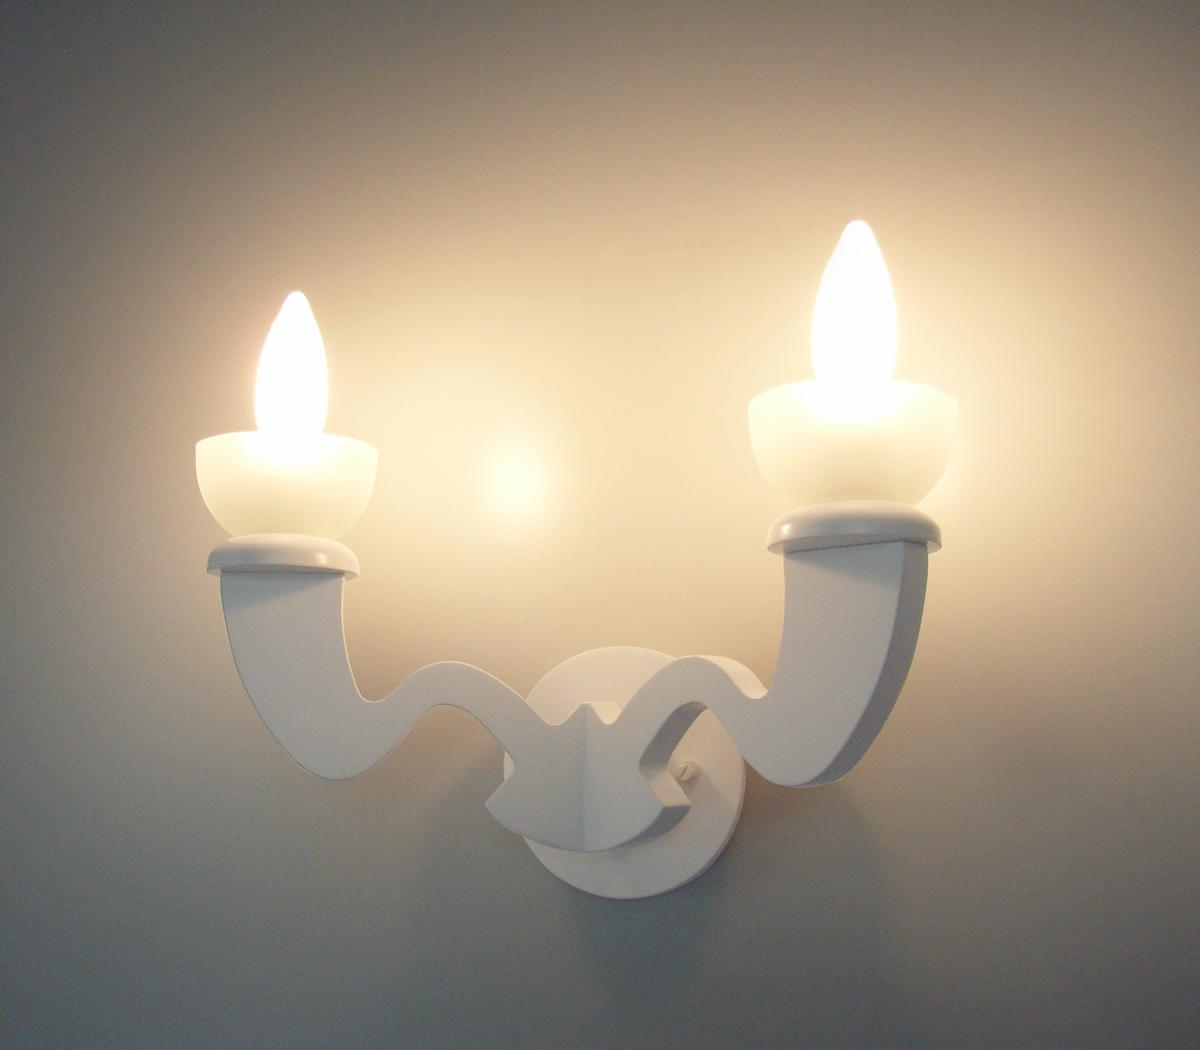 ブラケットライト B1015-W 【 Pure White ピュアホワイト 】 【 H280×W330×D160 】 【 E17 シャンデリアランプ ホワイト 40W×2 】 【 ホワイト色 】 【 省エネ 】 壁面取付照明 壁掛け取付照明 dcs デザイン照明